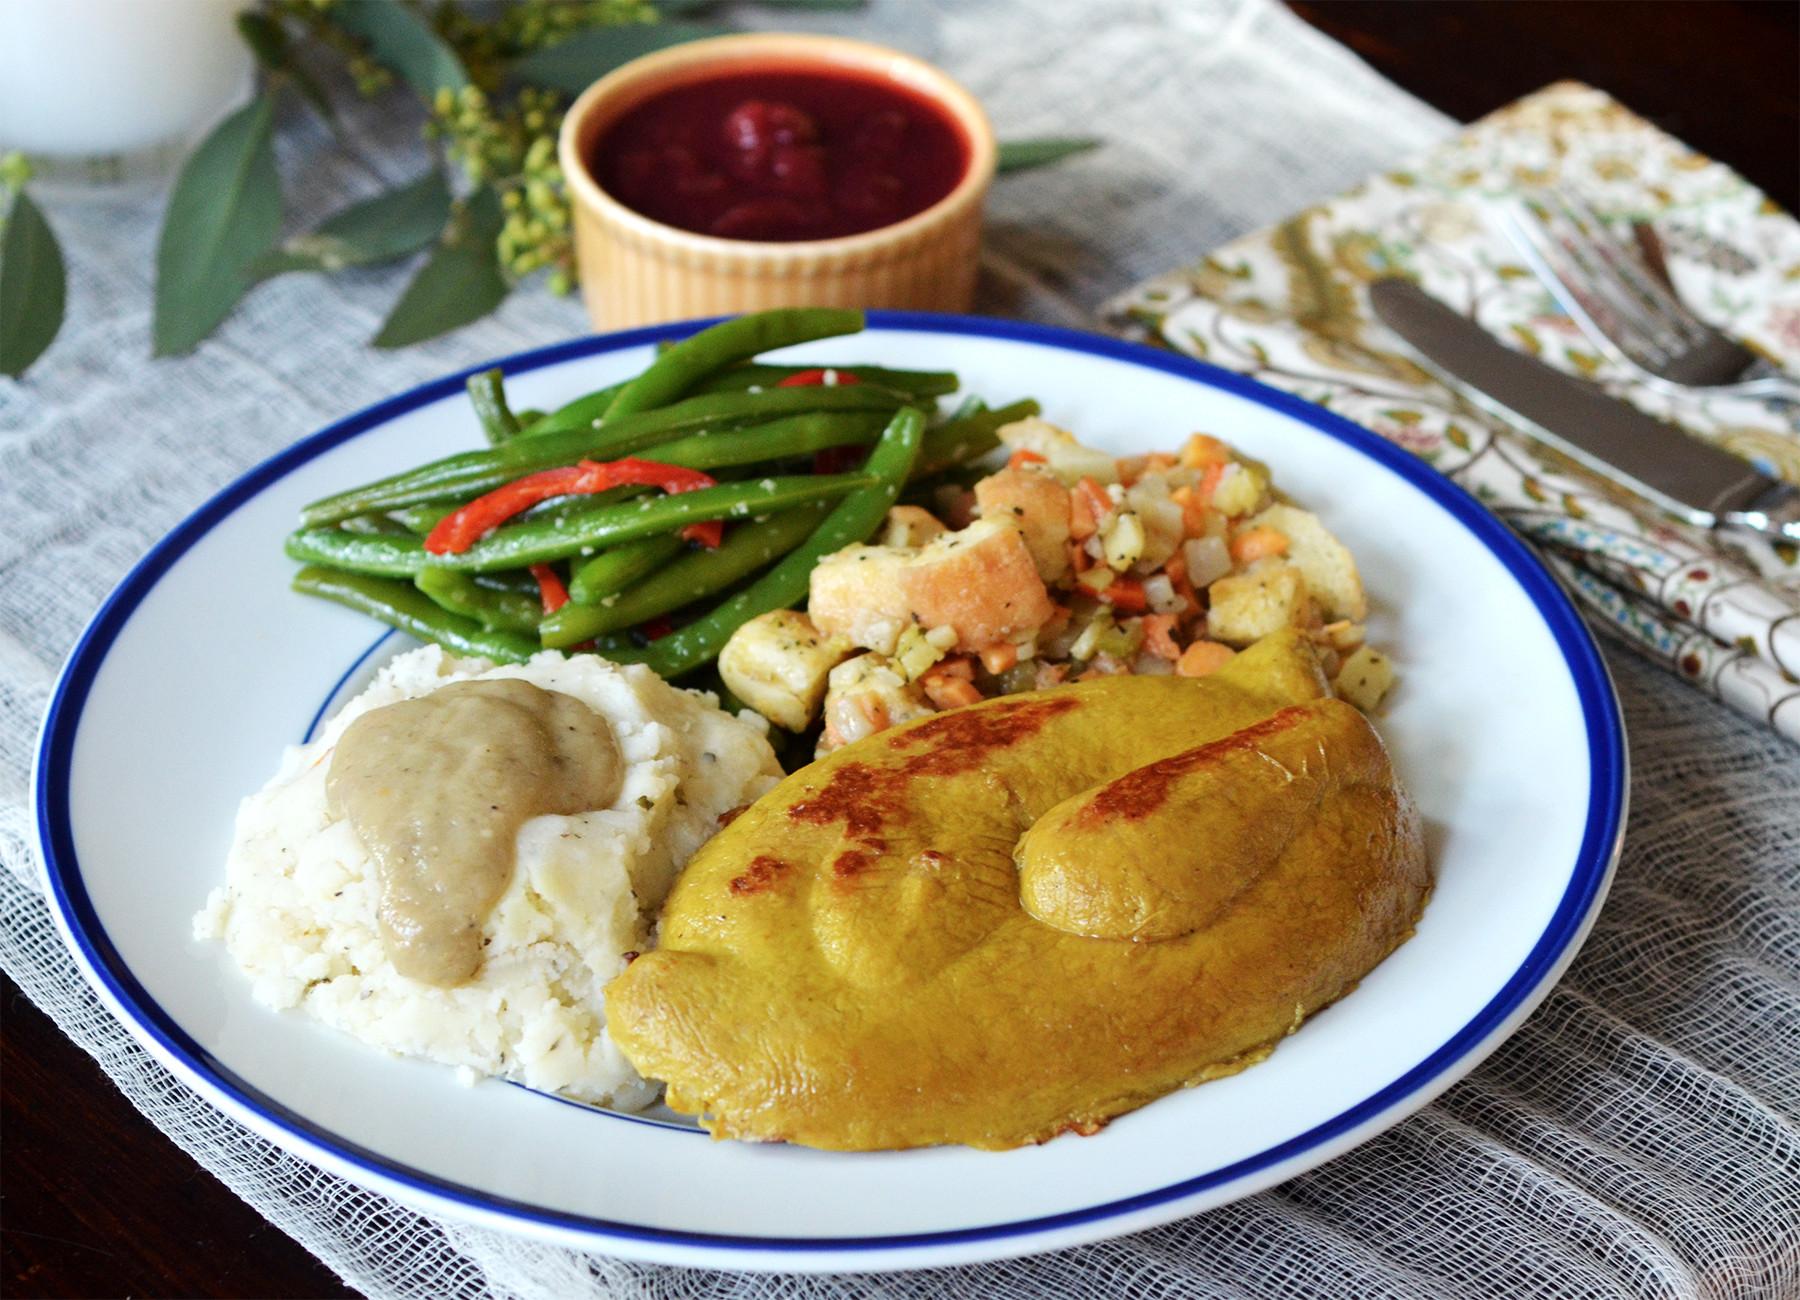 Vegetarian Thanksgiving Meal  Vegan Thanksgiving Take Home Meal in Atlanta